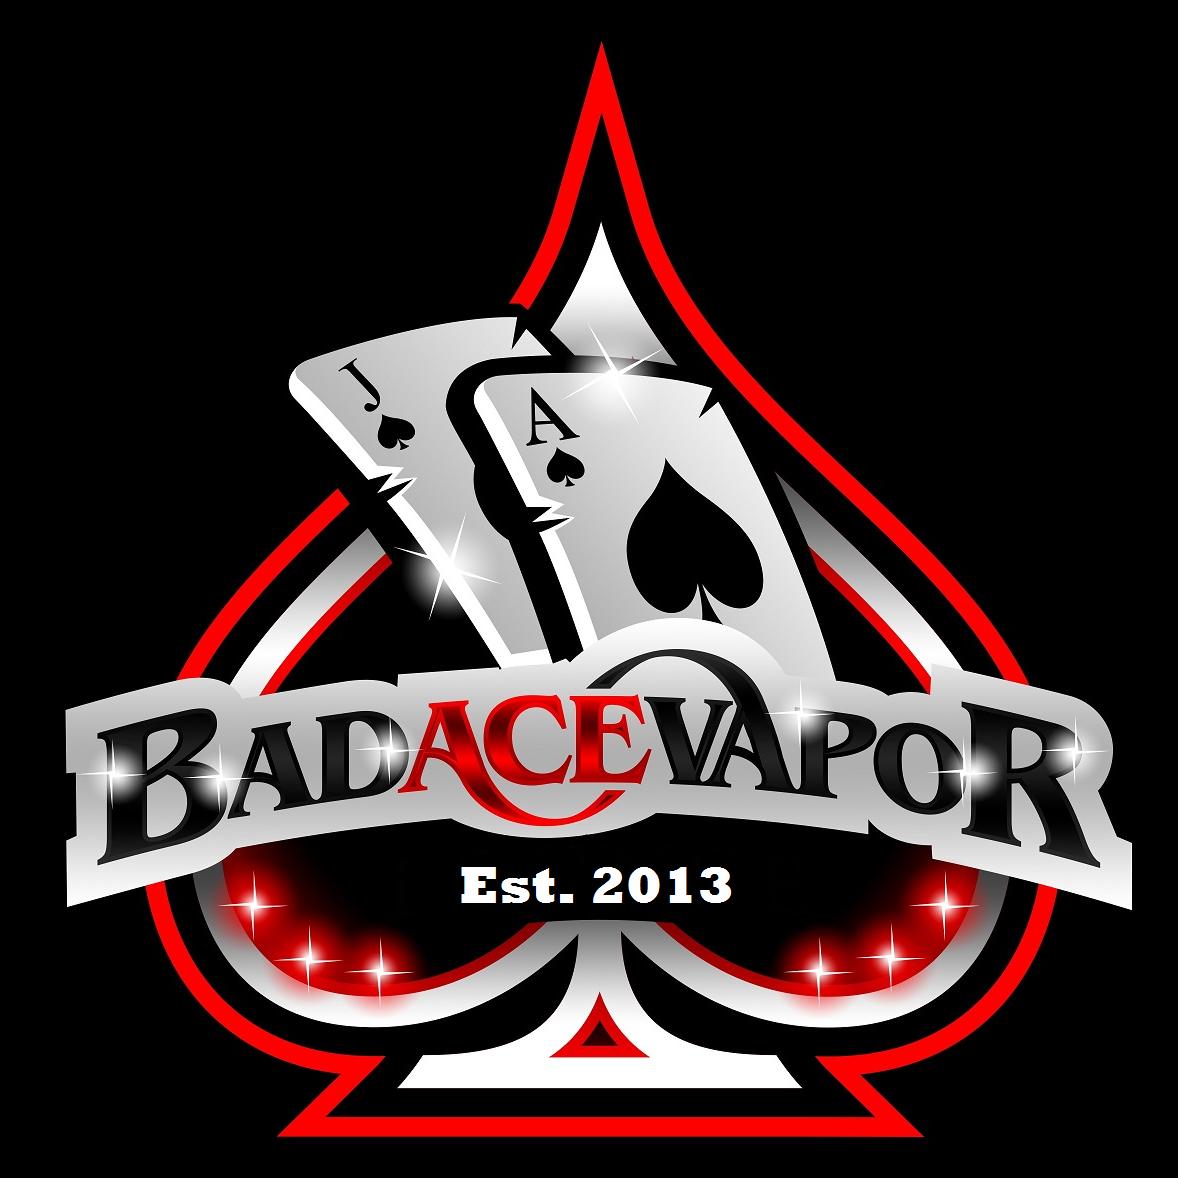 Bad Ace Vapor LLC